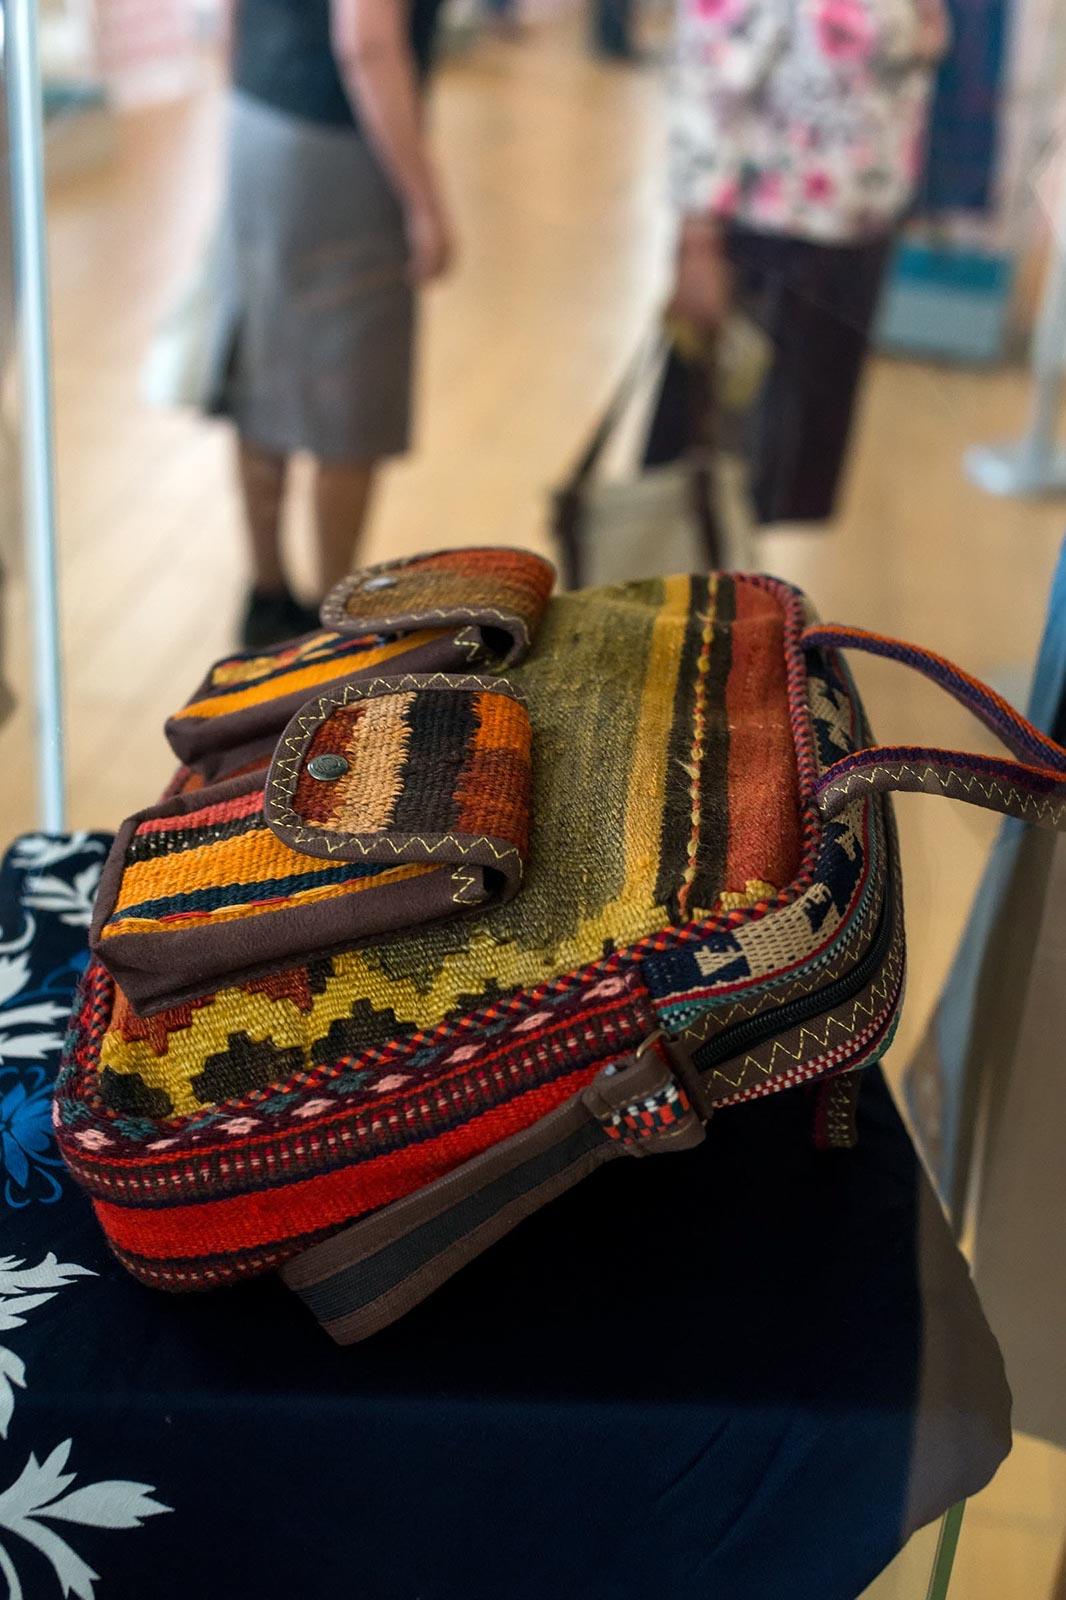 Фото №176488. Сумка. Иранский текстиль